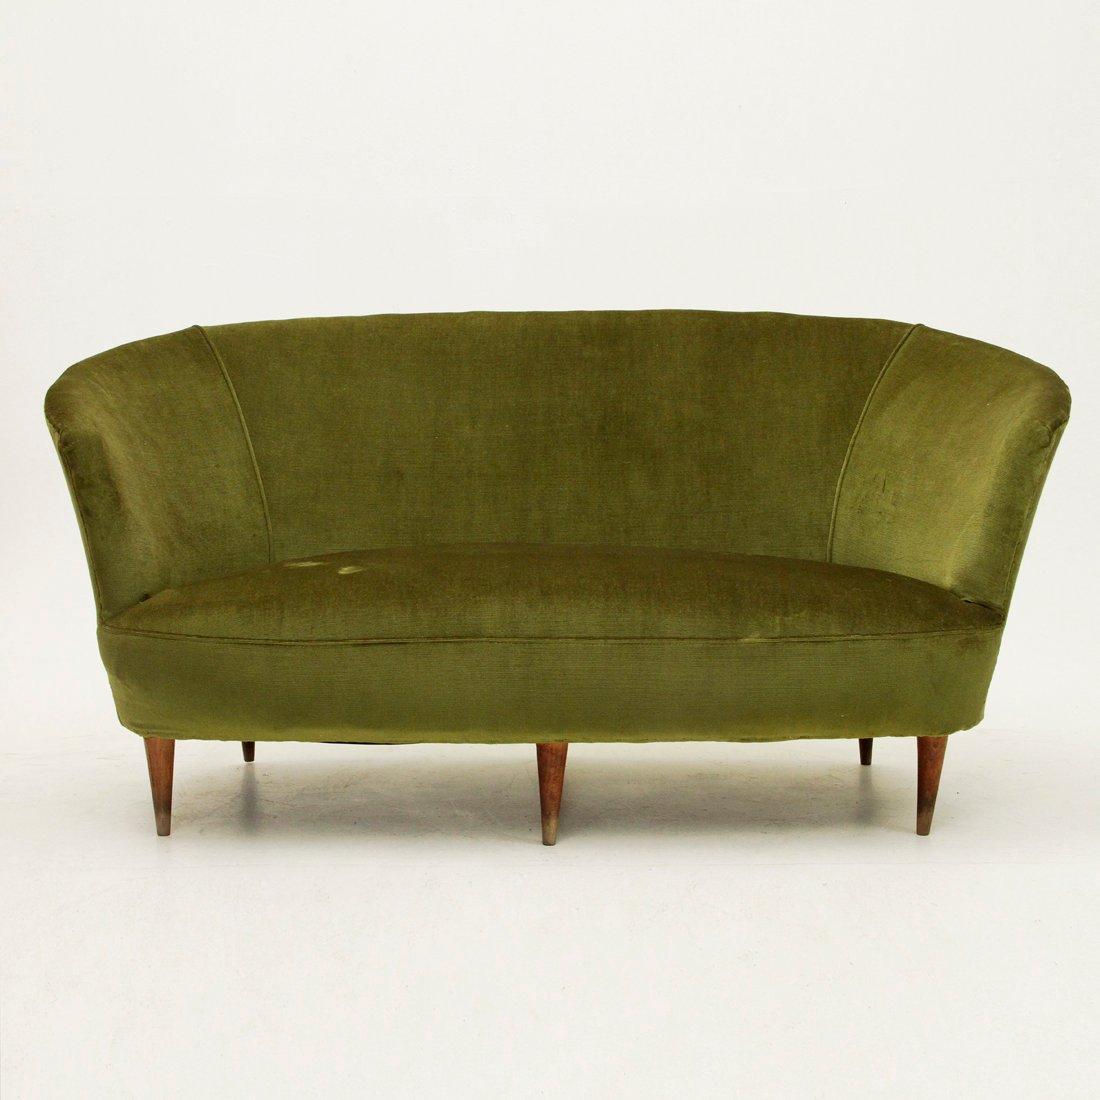 Canap en velours vert italie 1940s en vente sur pamono for Canape velours vert